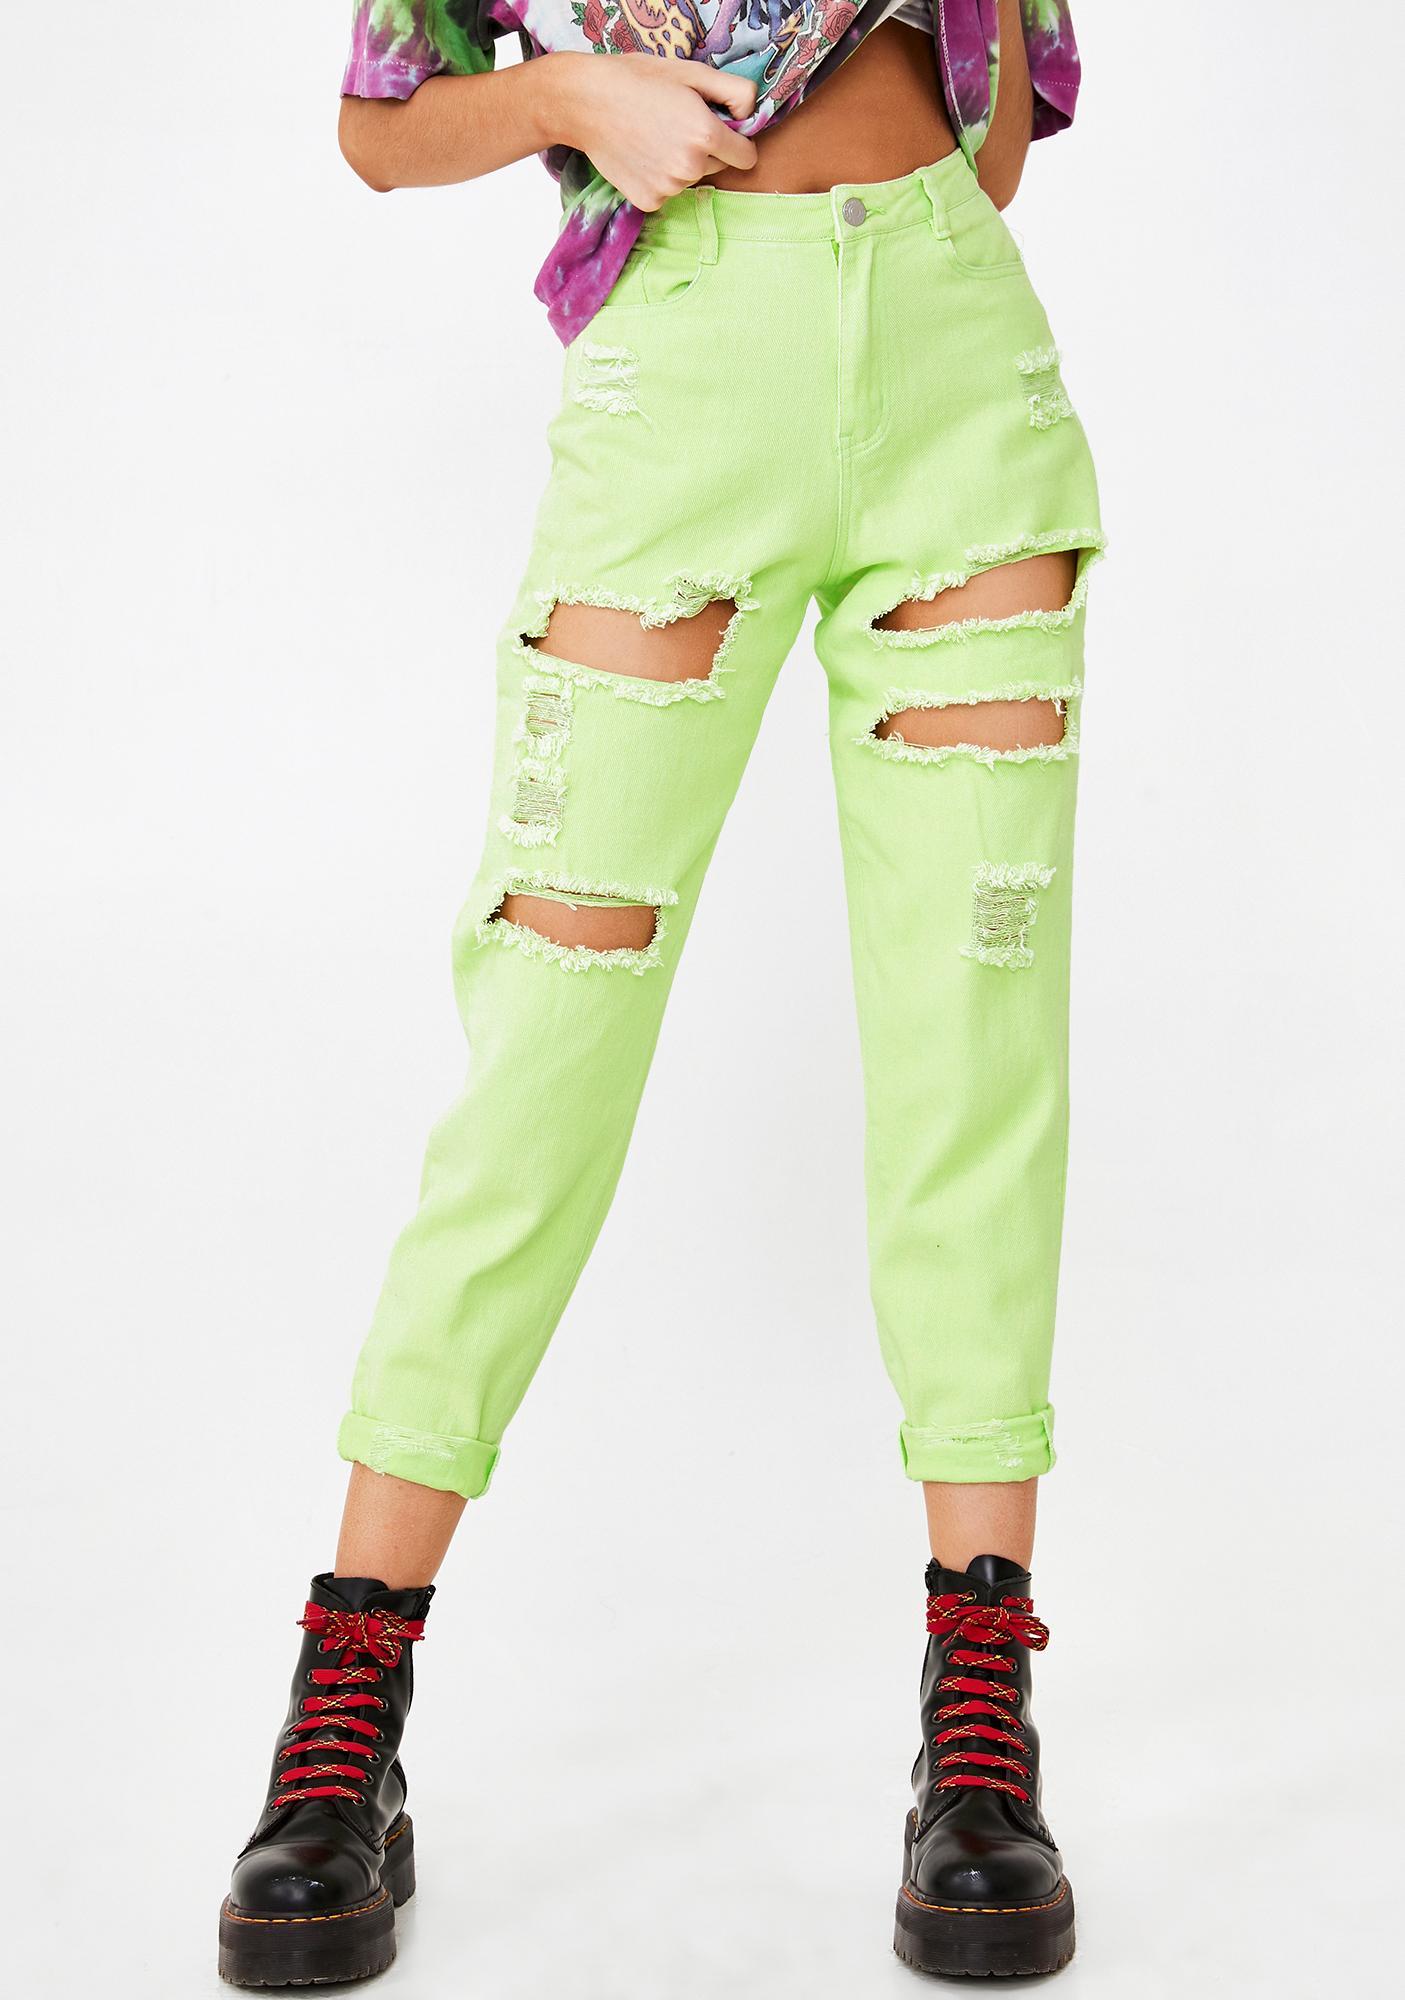 Wild N' Free Distressed Jeans